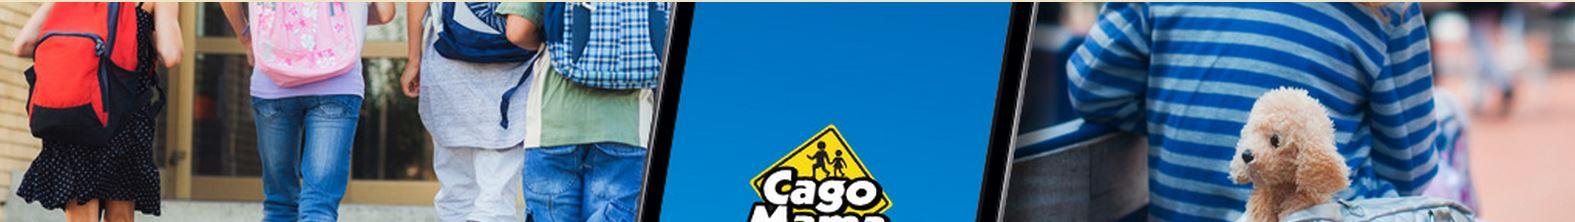 2015-07-06 13_03_14-CagoMama — Cago